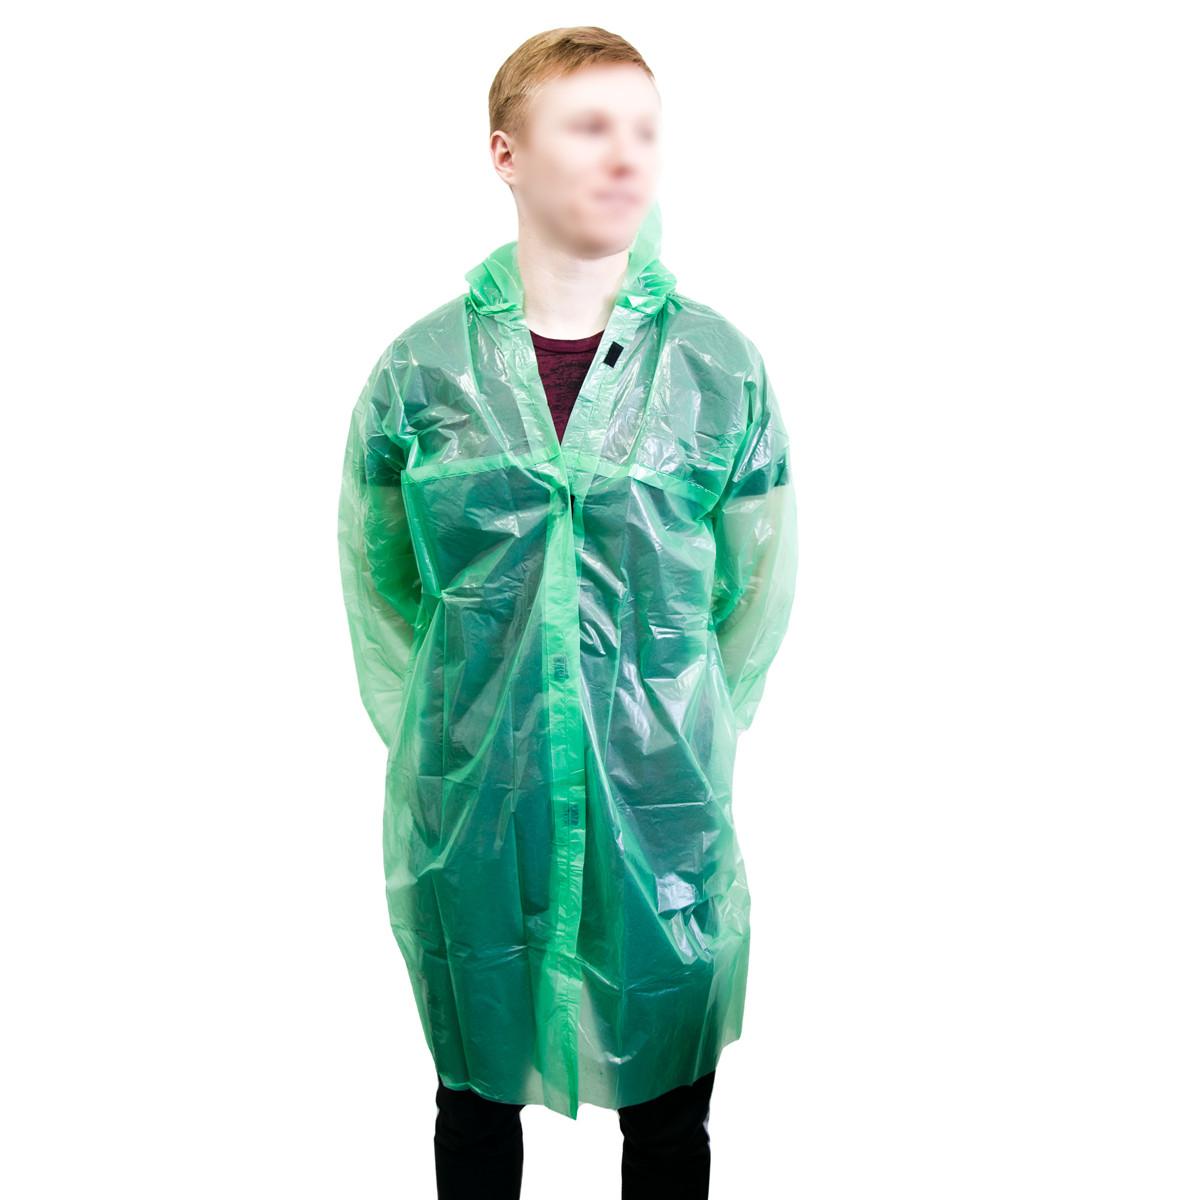 """Підлітковий плащ від дощу """"Ваш комфорт"""" Зелений, дощовик 60 мкм на липучках для дівчинки і хлопчика (дощовик)"""